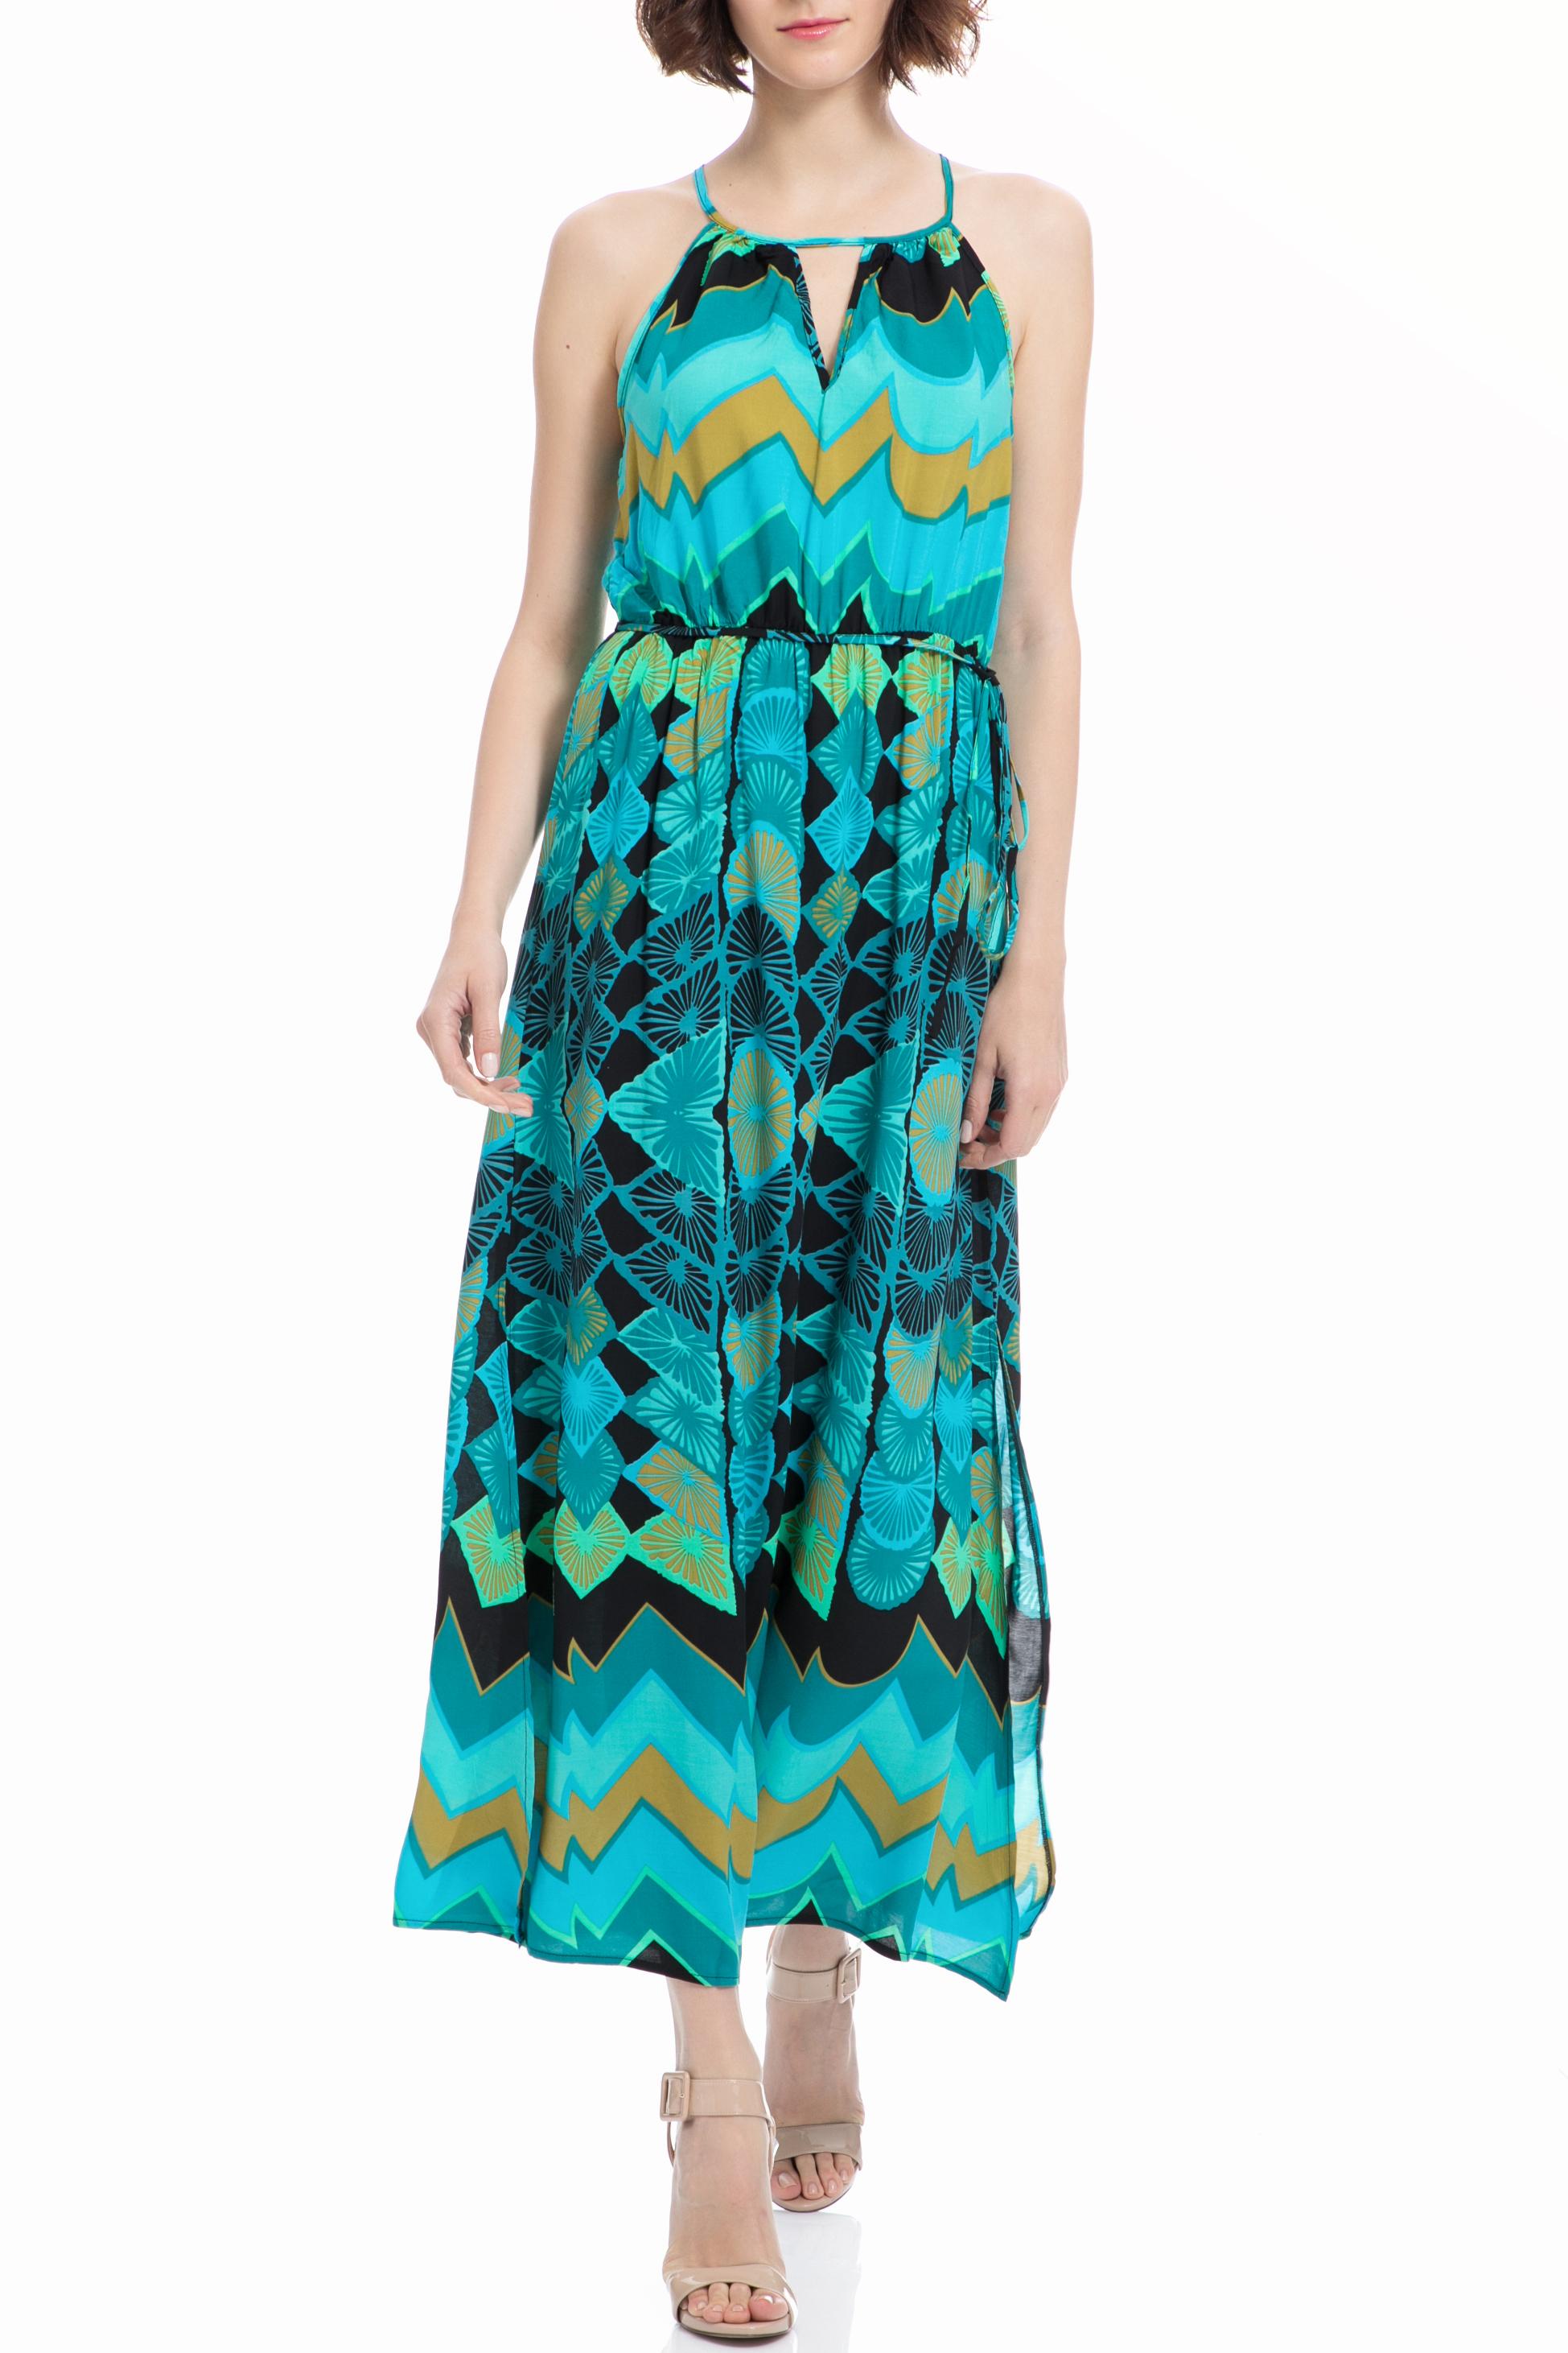 MOLLY BRACKEN - Μάξι φόρεμα MOLLY BRACKEN μπλε γυναικεία ρούχα φορέματα μάξι